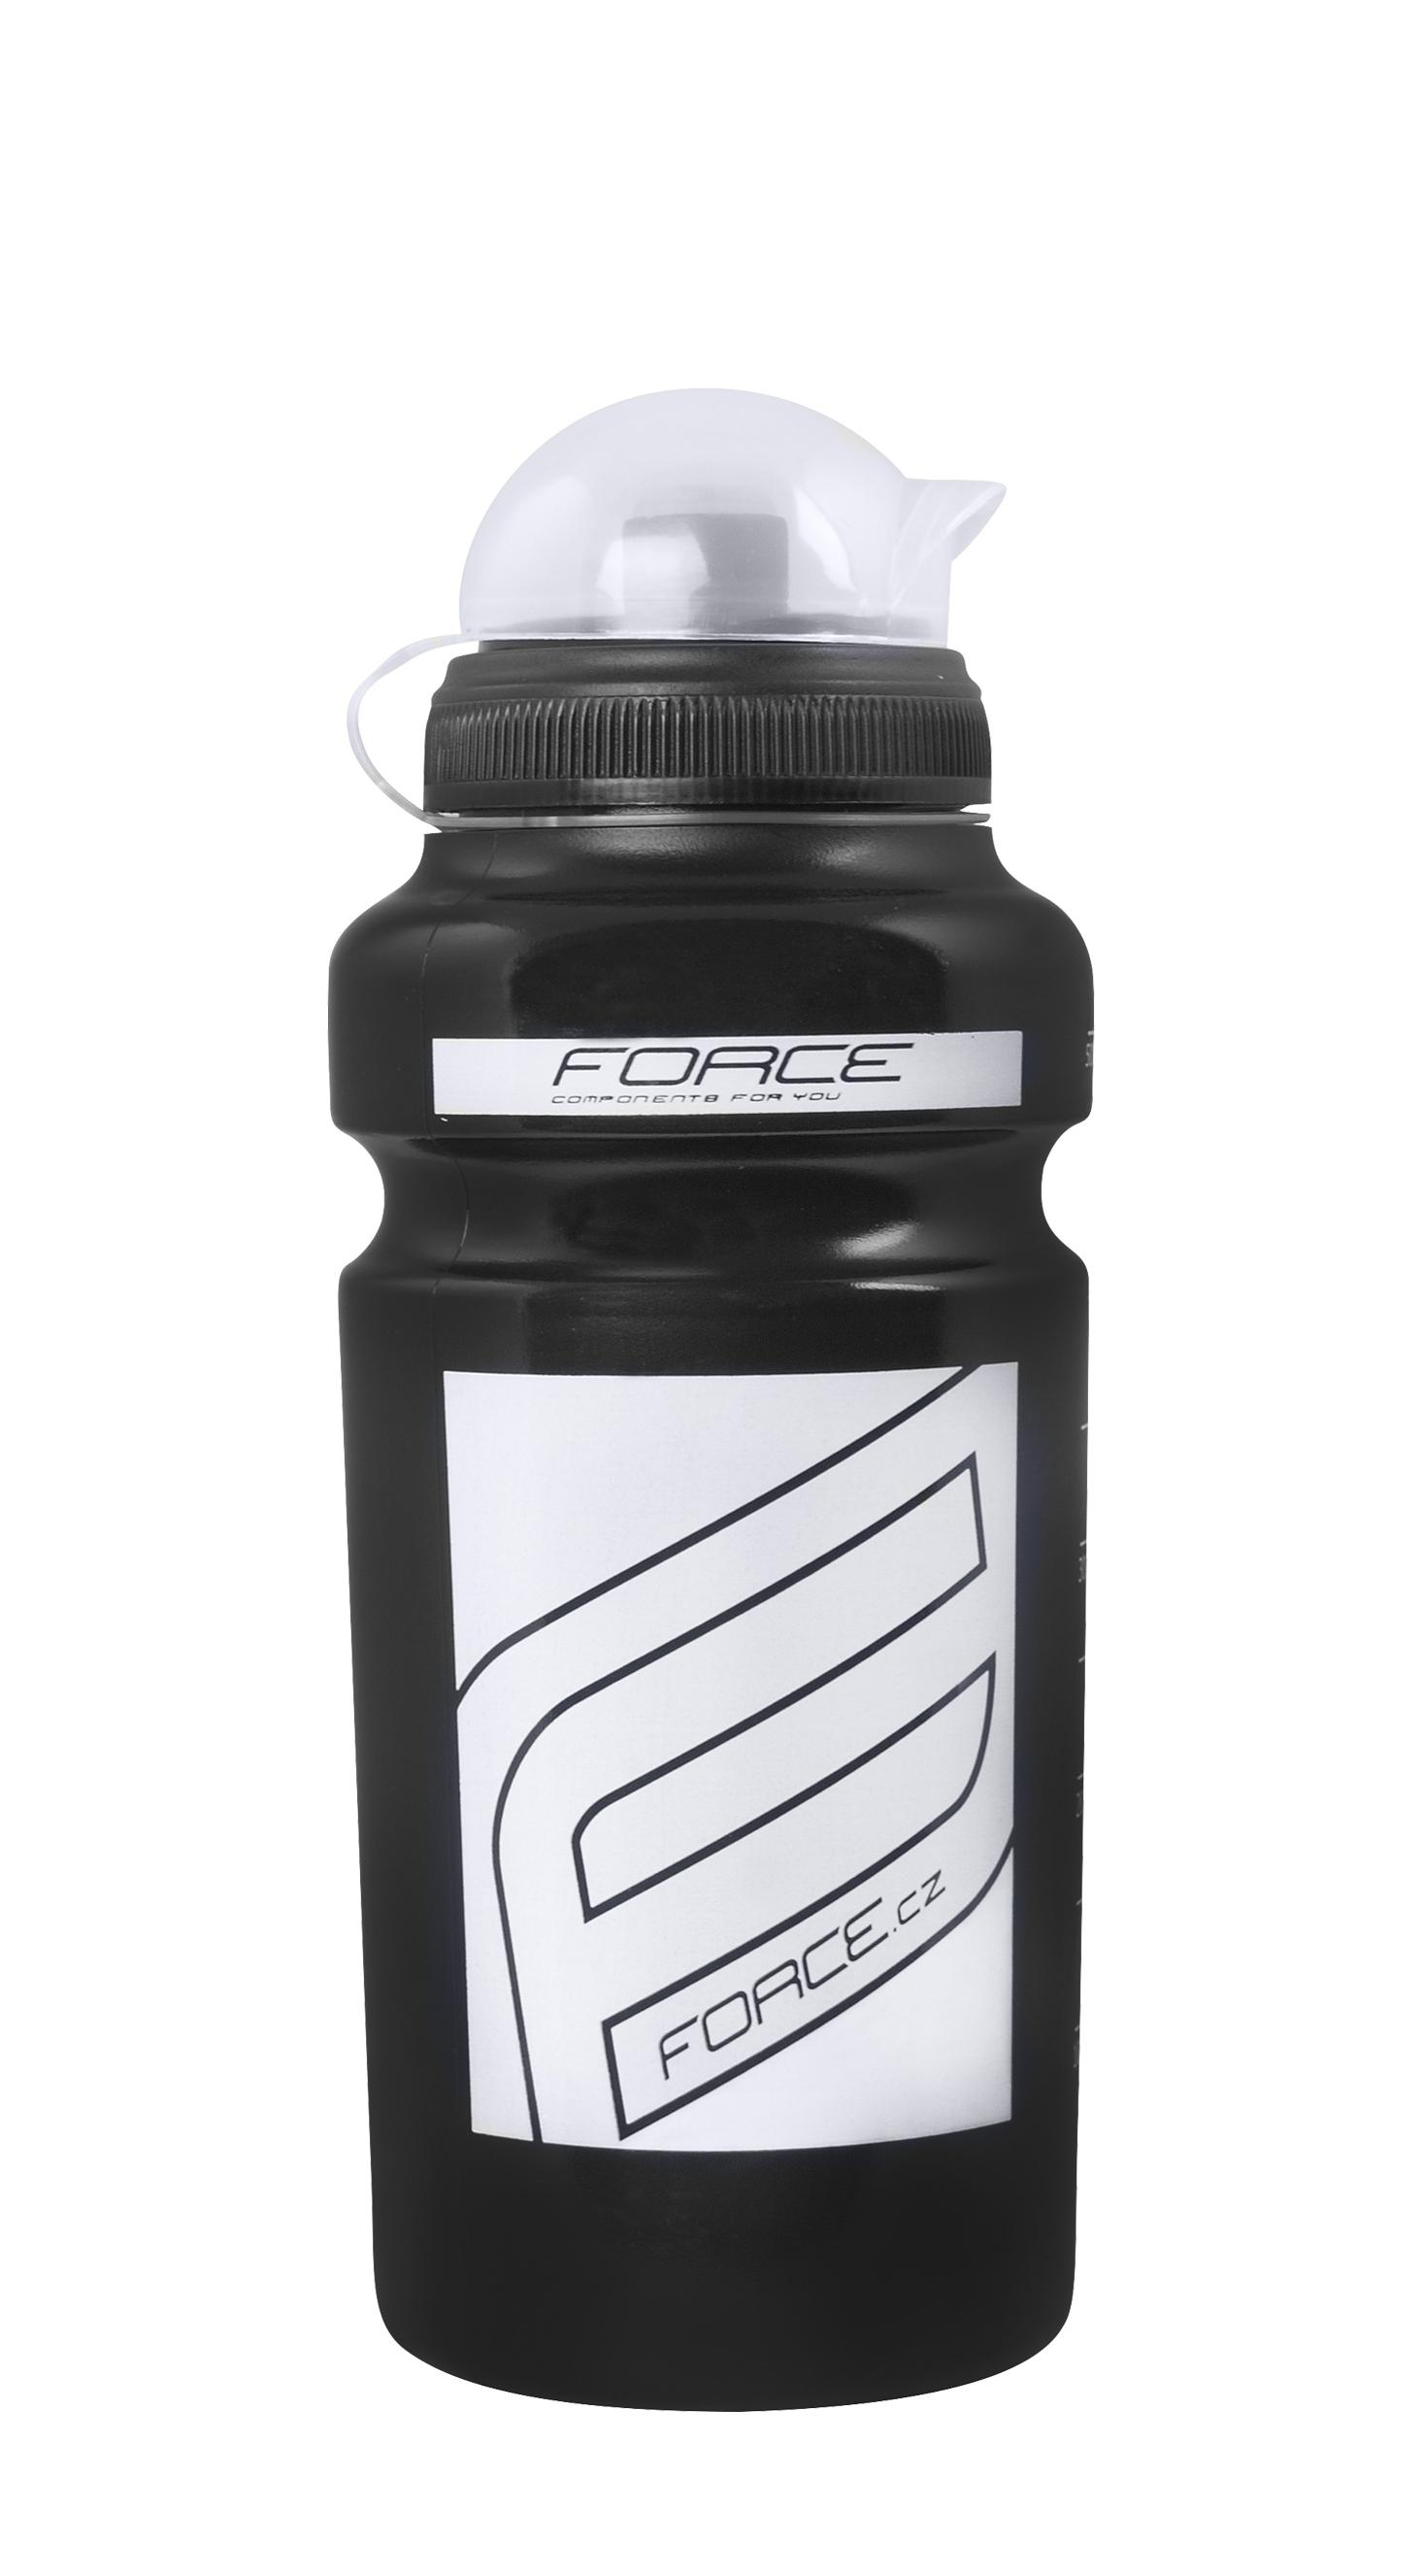 """láhev FORCE """"F"""" 0,5 l, černá / bílý potisk"""